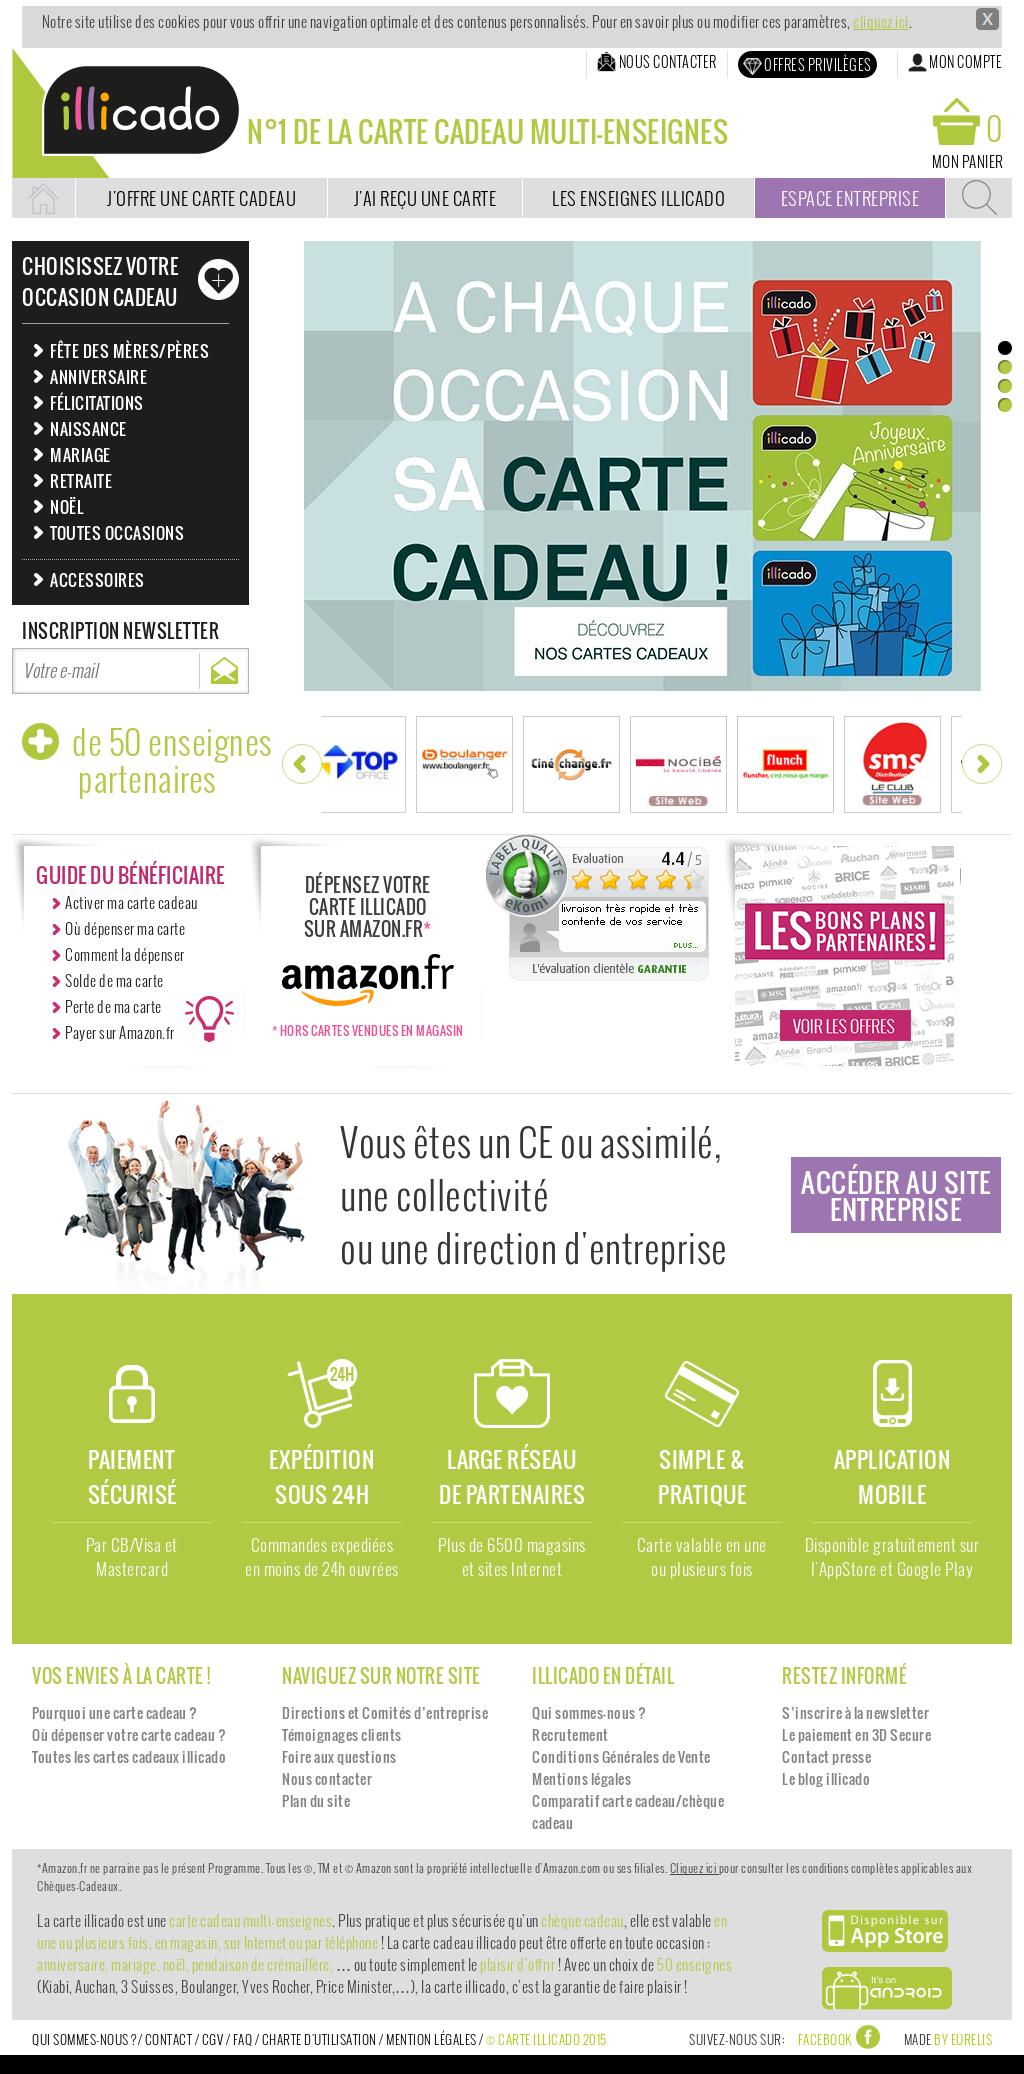 Carte Cadeau Illicado Competitors Revenue And Employees